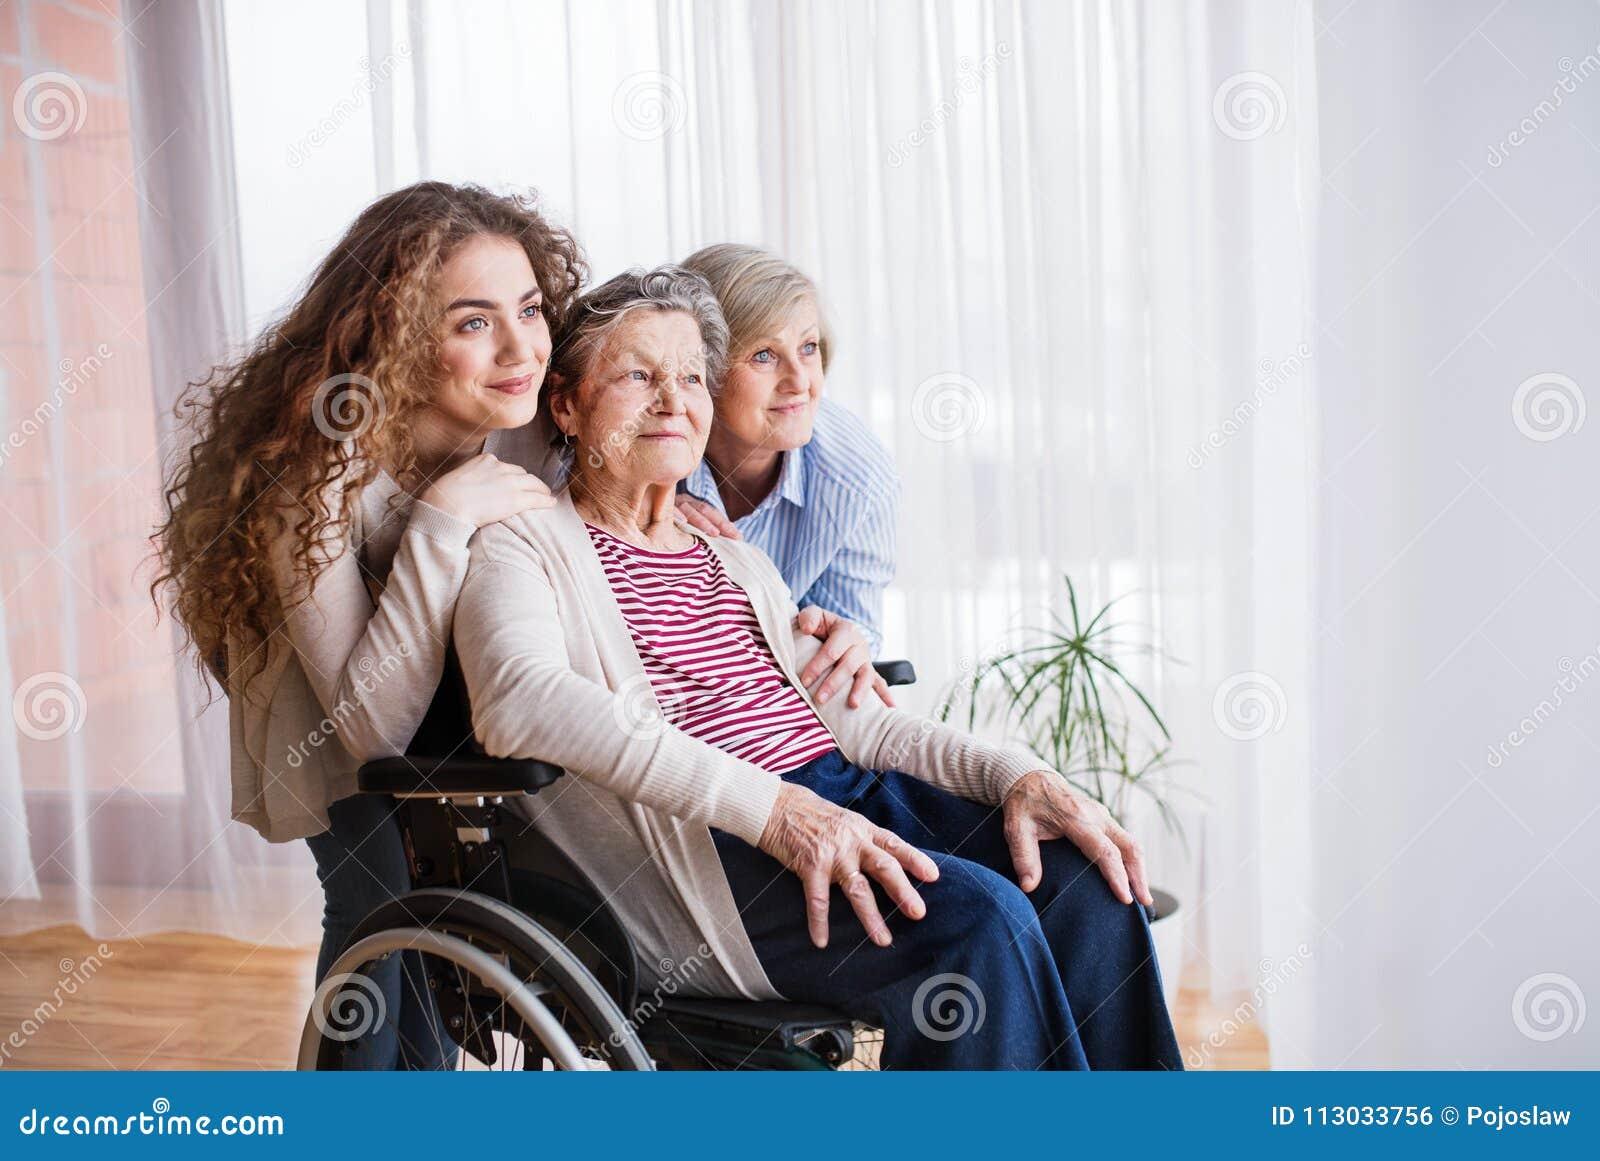 Adolescente con la madre y la abuela en wheelchiar en casa